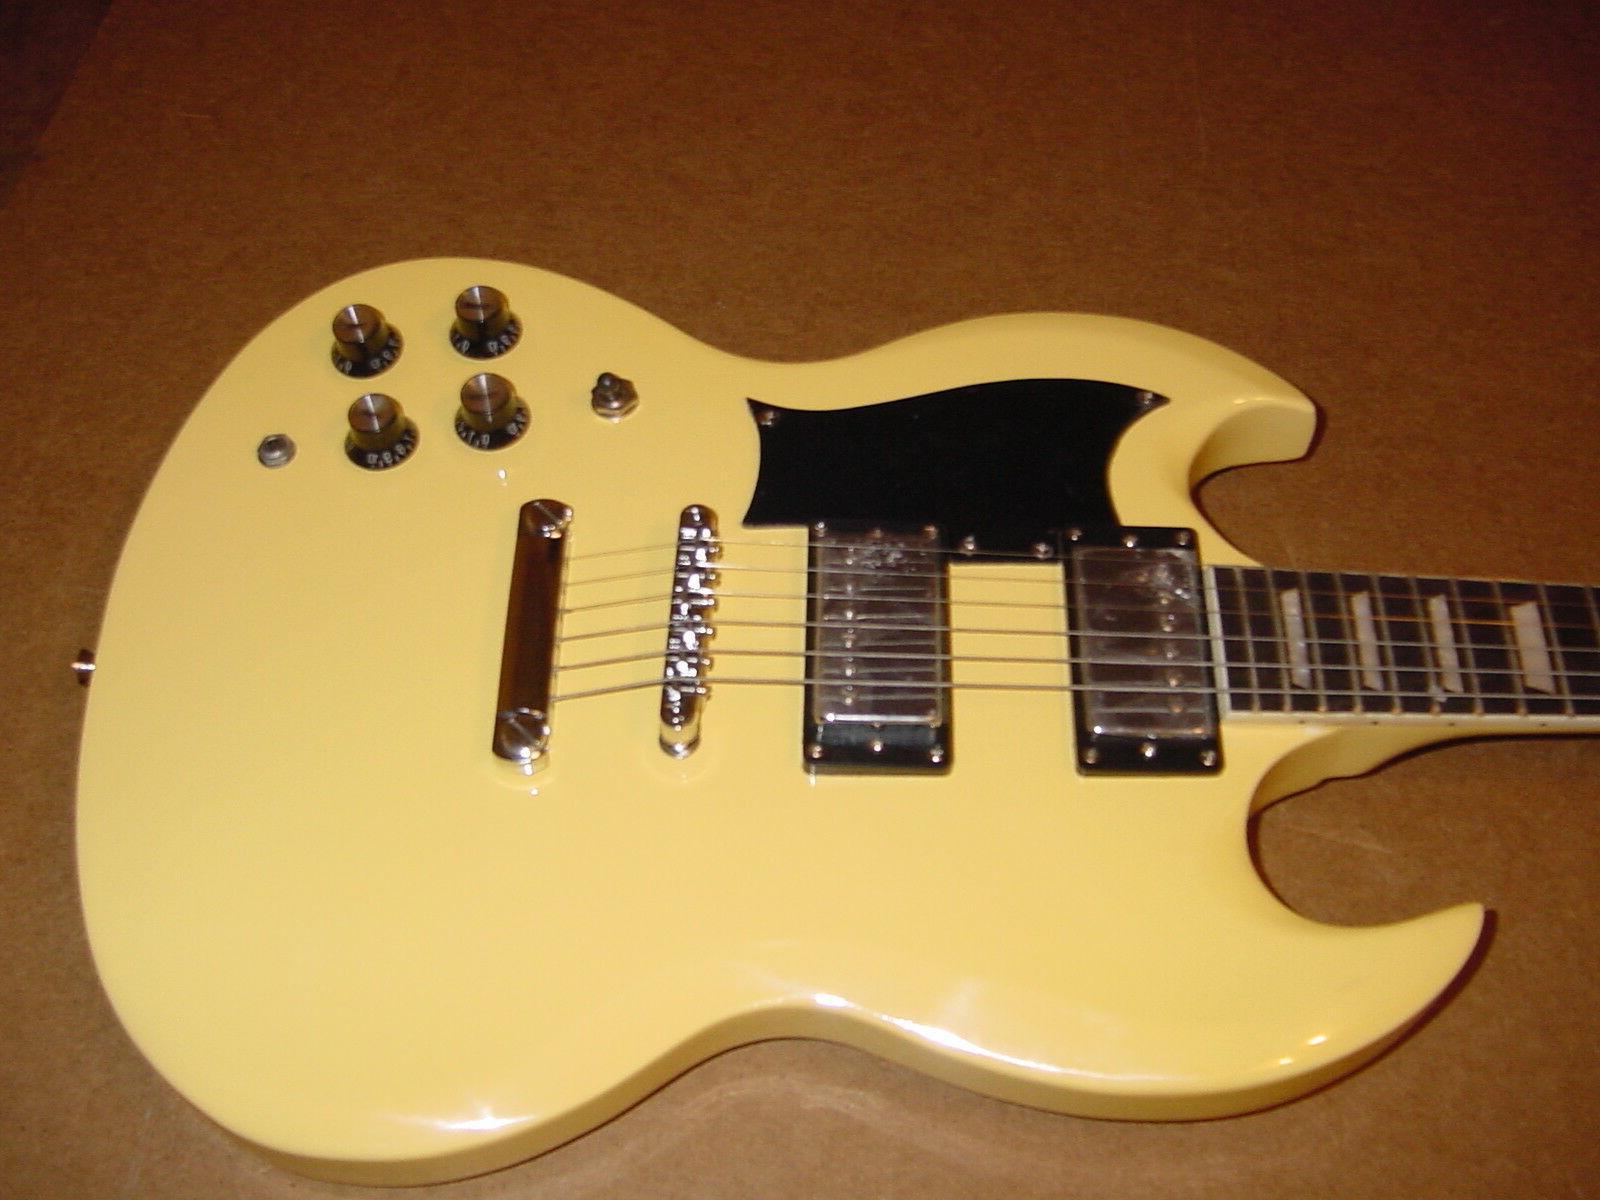 New String Guitar Vintage Blonde Set Neck Bag